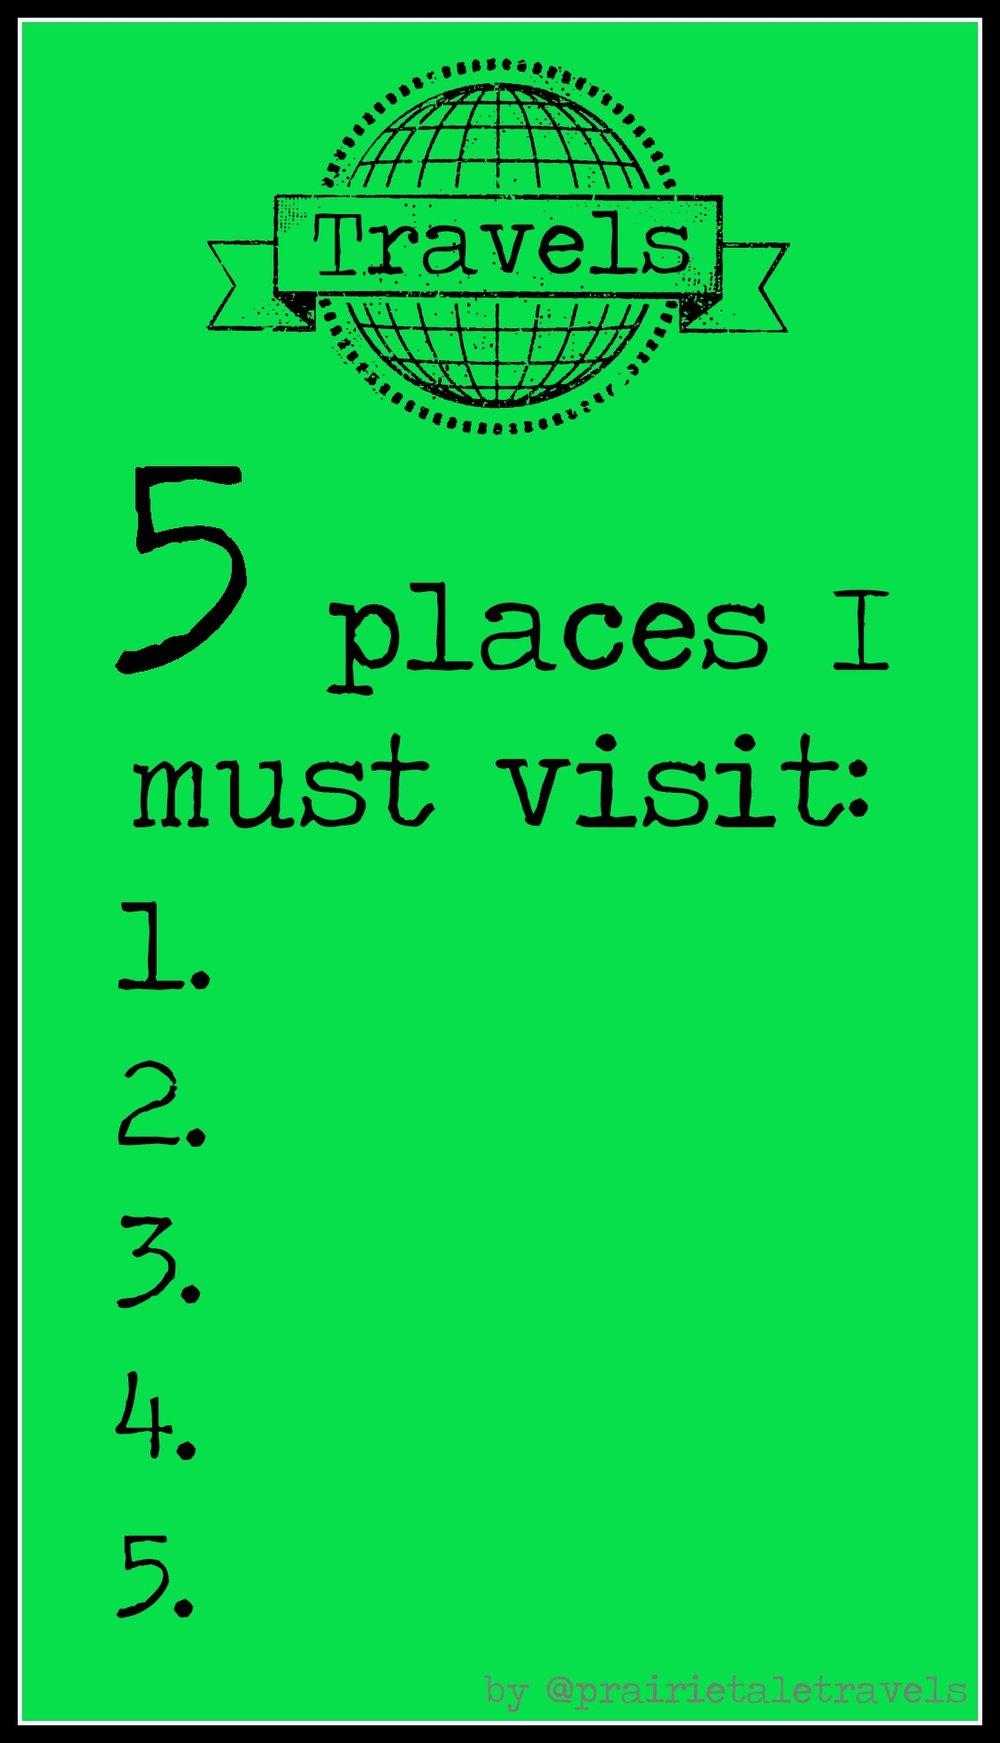 Travels 4